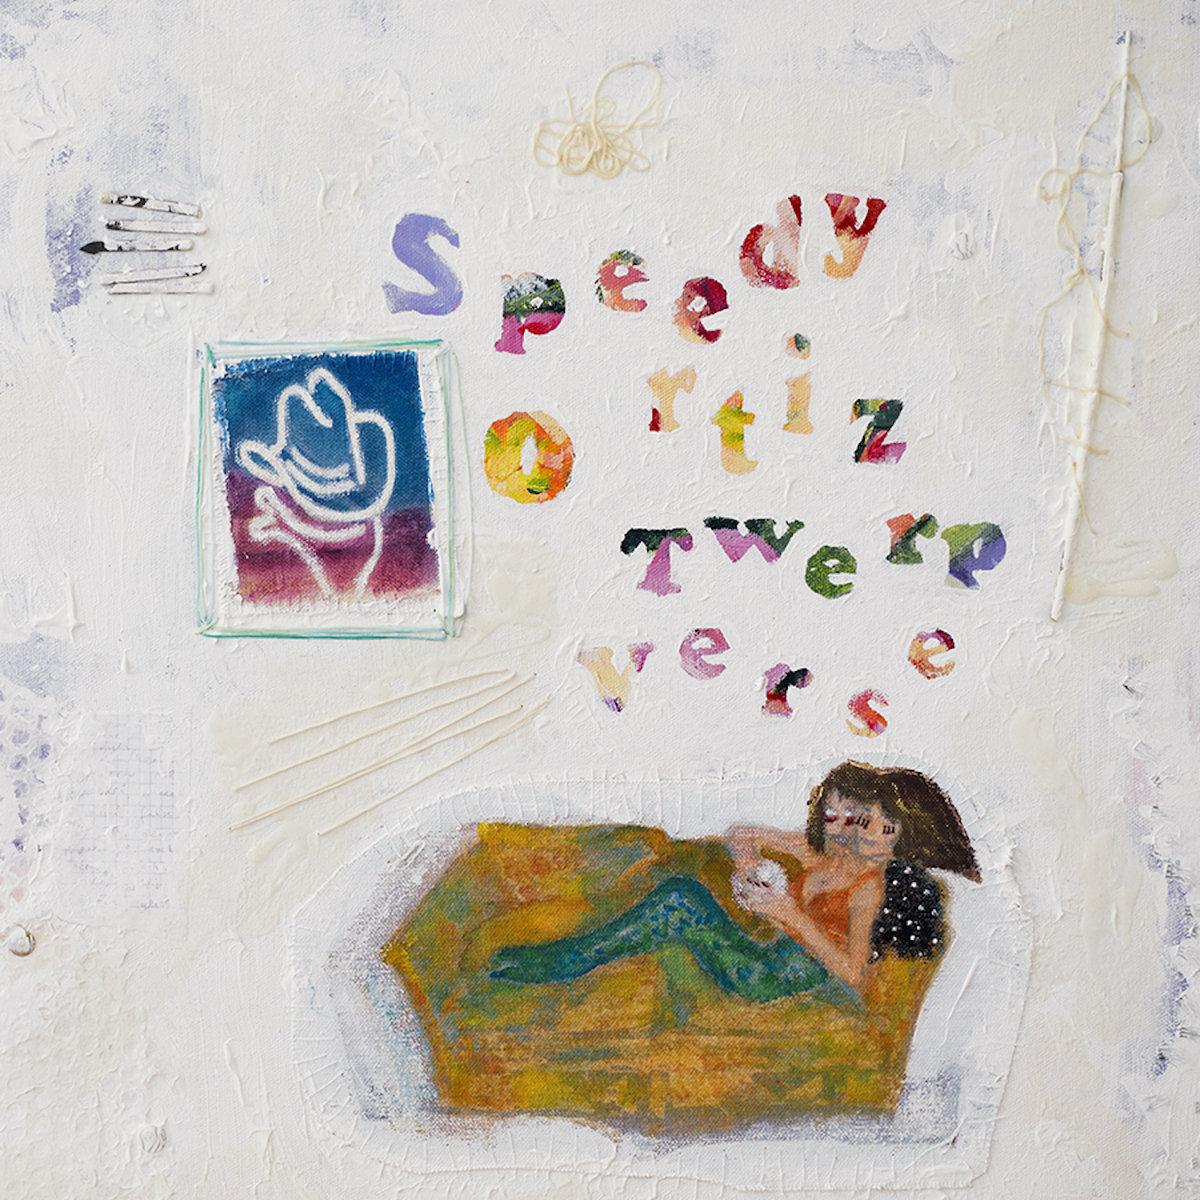 Twerp Verse | Speedy Ortiz